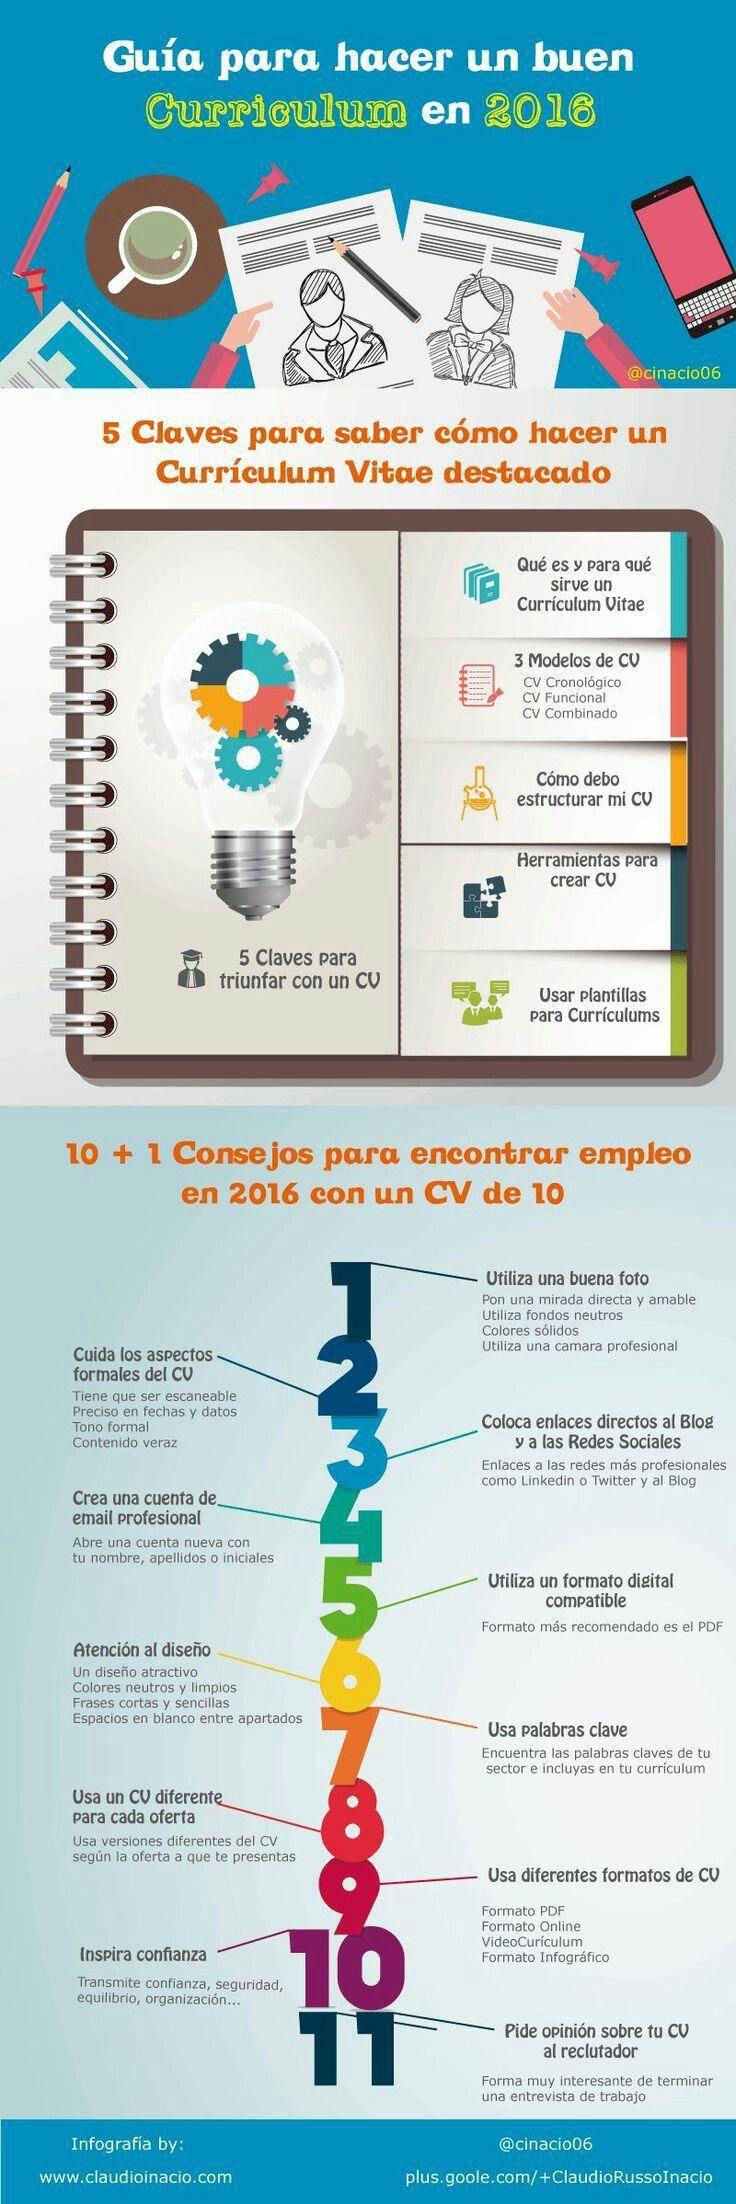 infograf u00eda para hacer un buen cv en 2016